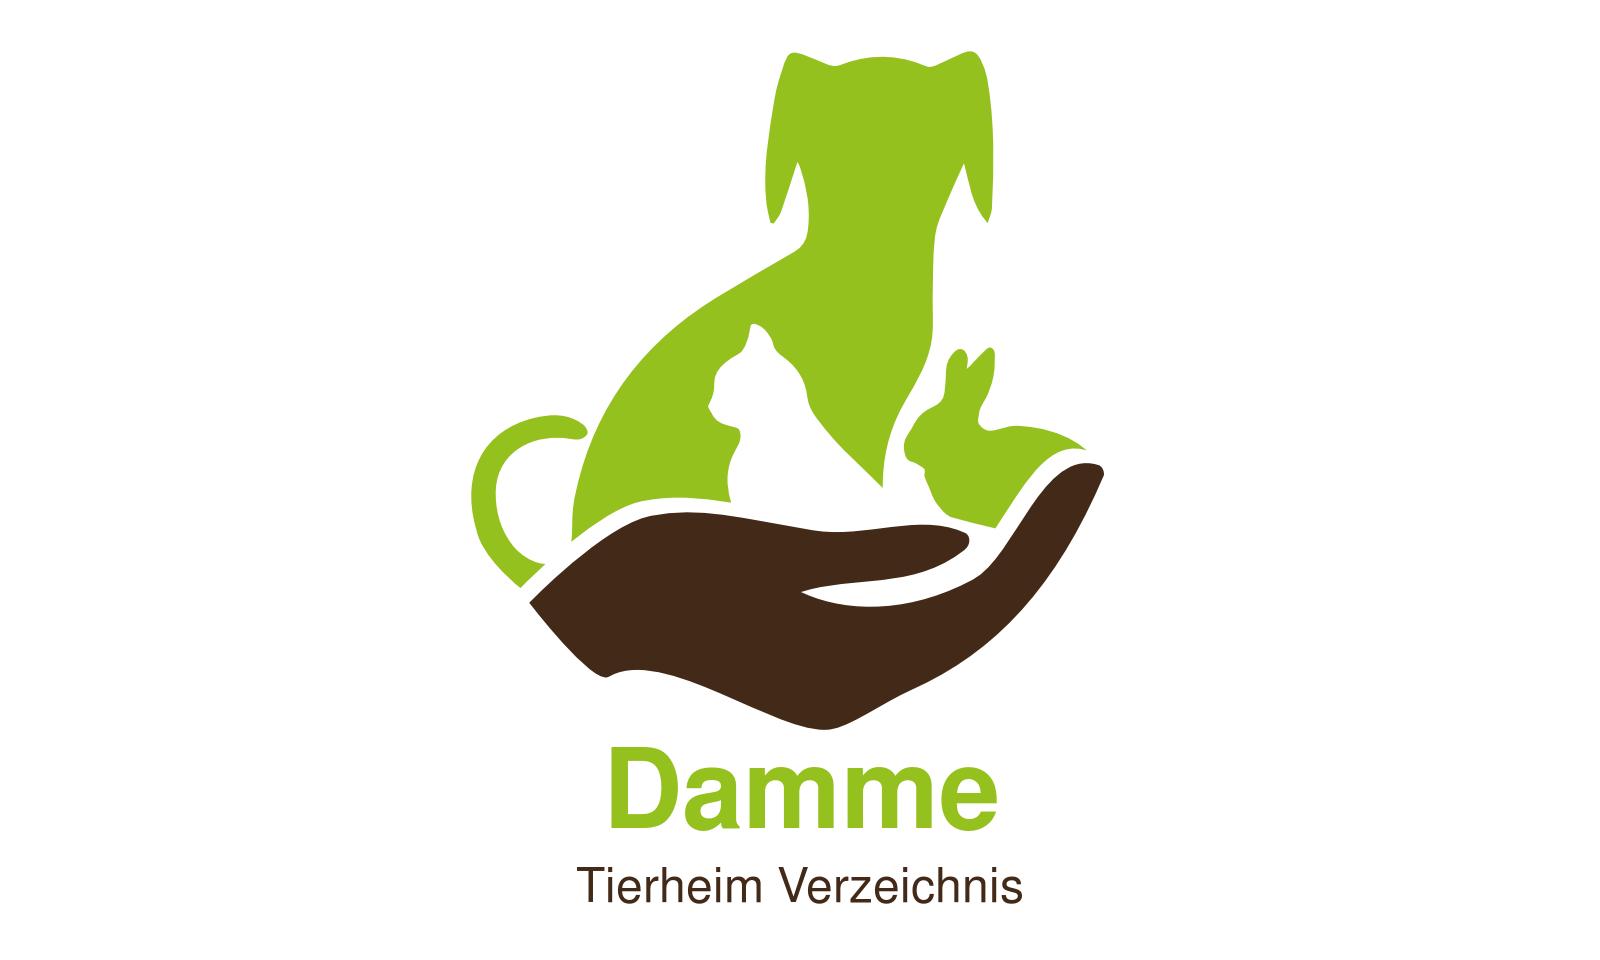 Tierheim Damme